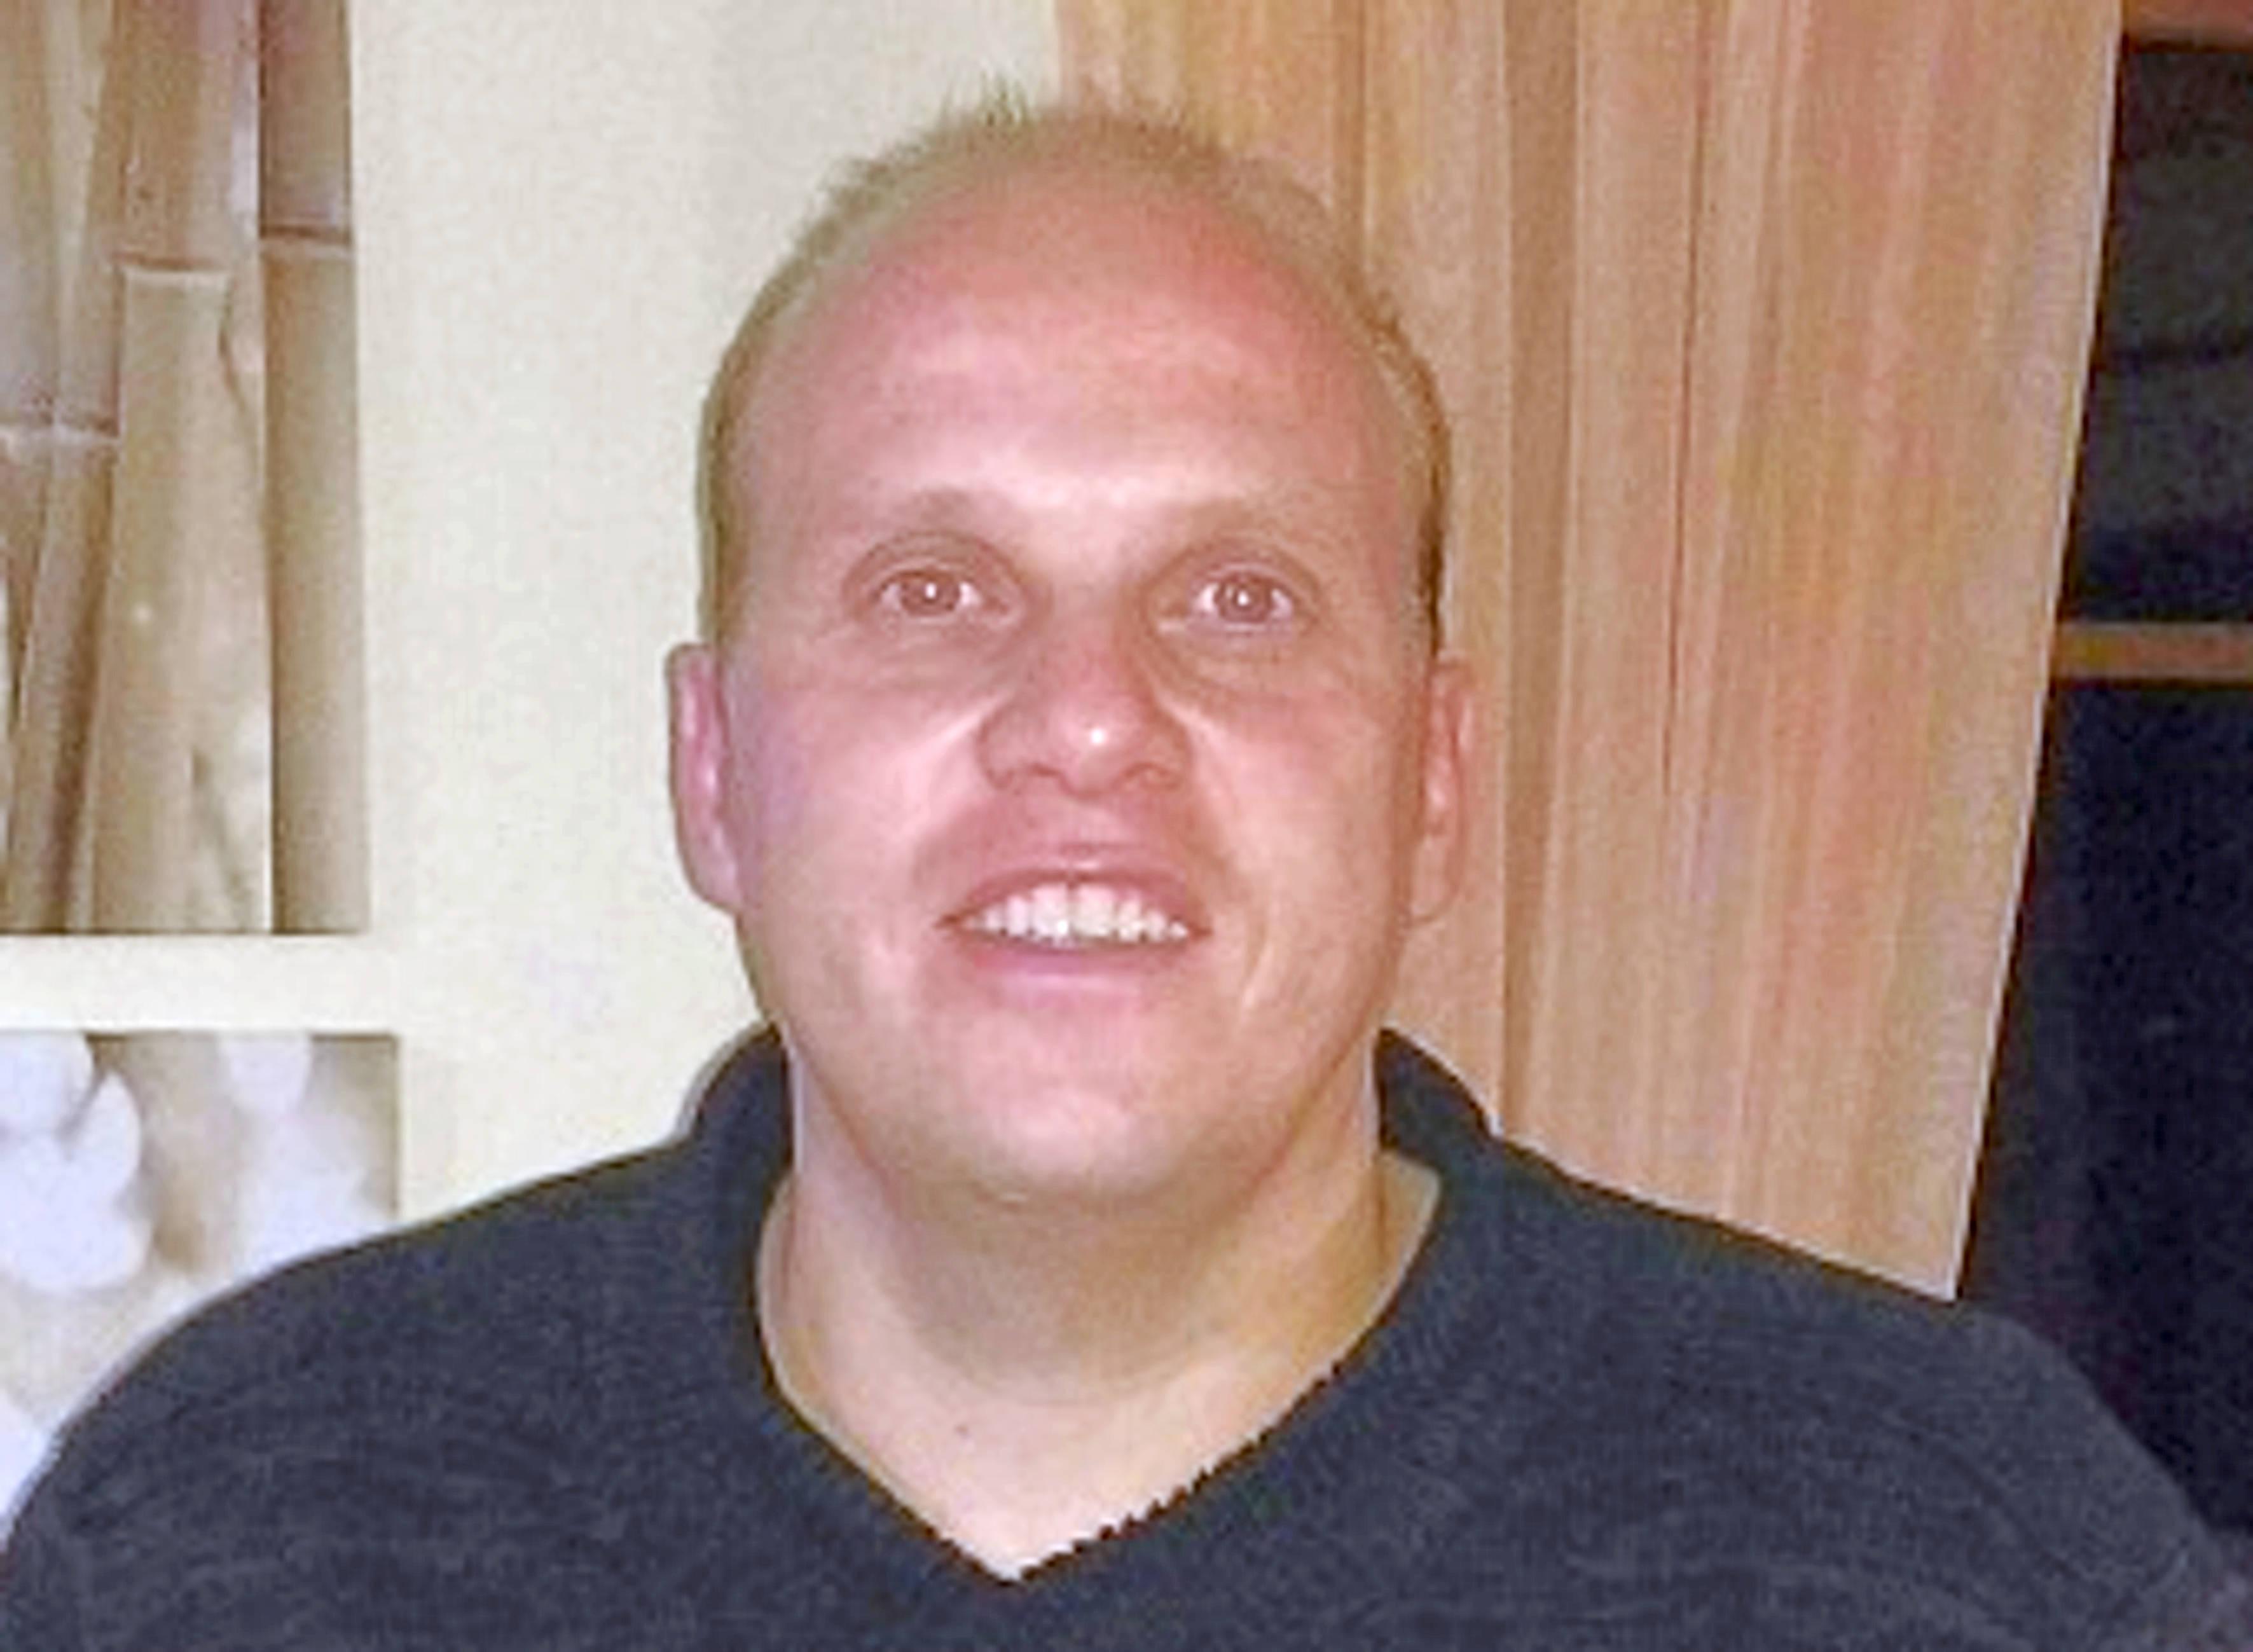 Fleckenberg/Grafschaft meldet neuen Trainer für die 2. Mannschaft